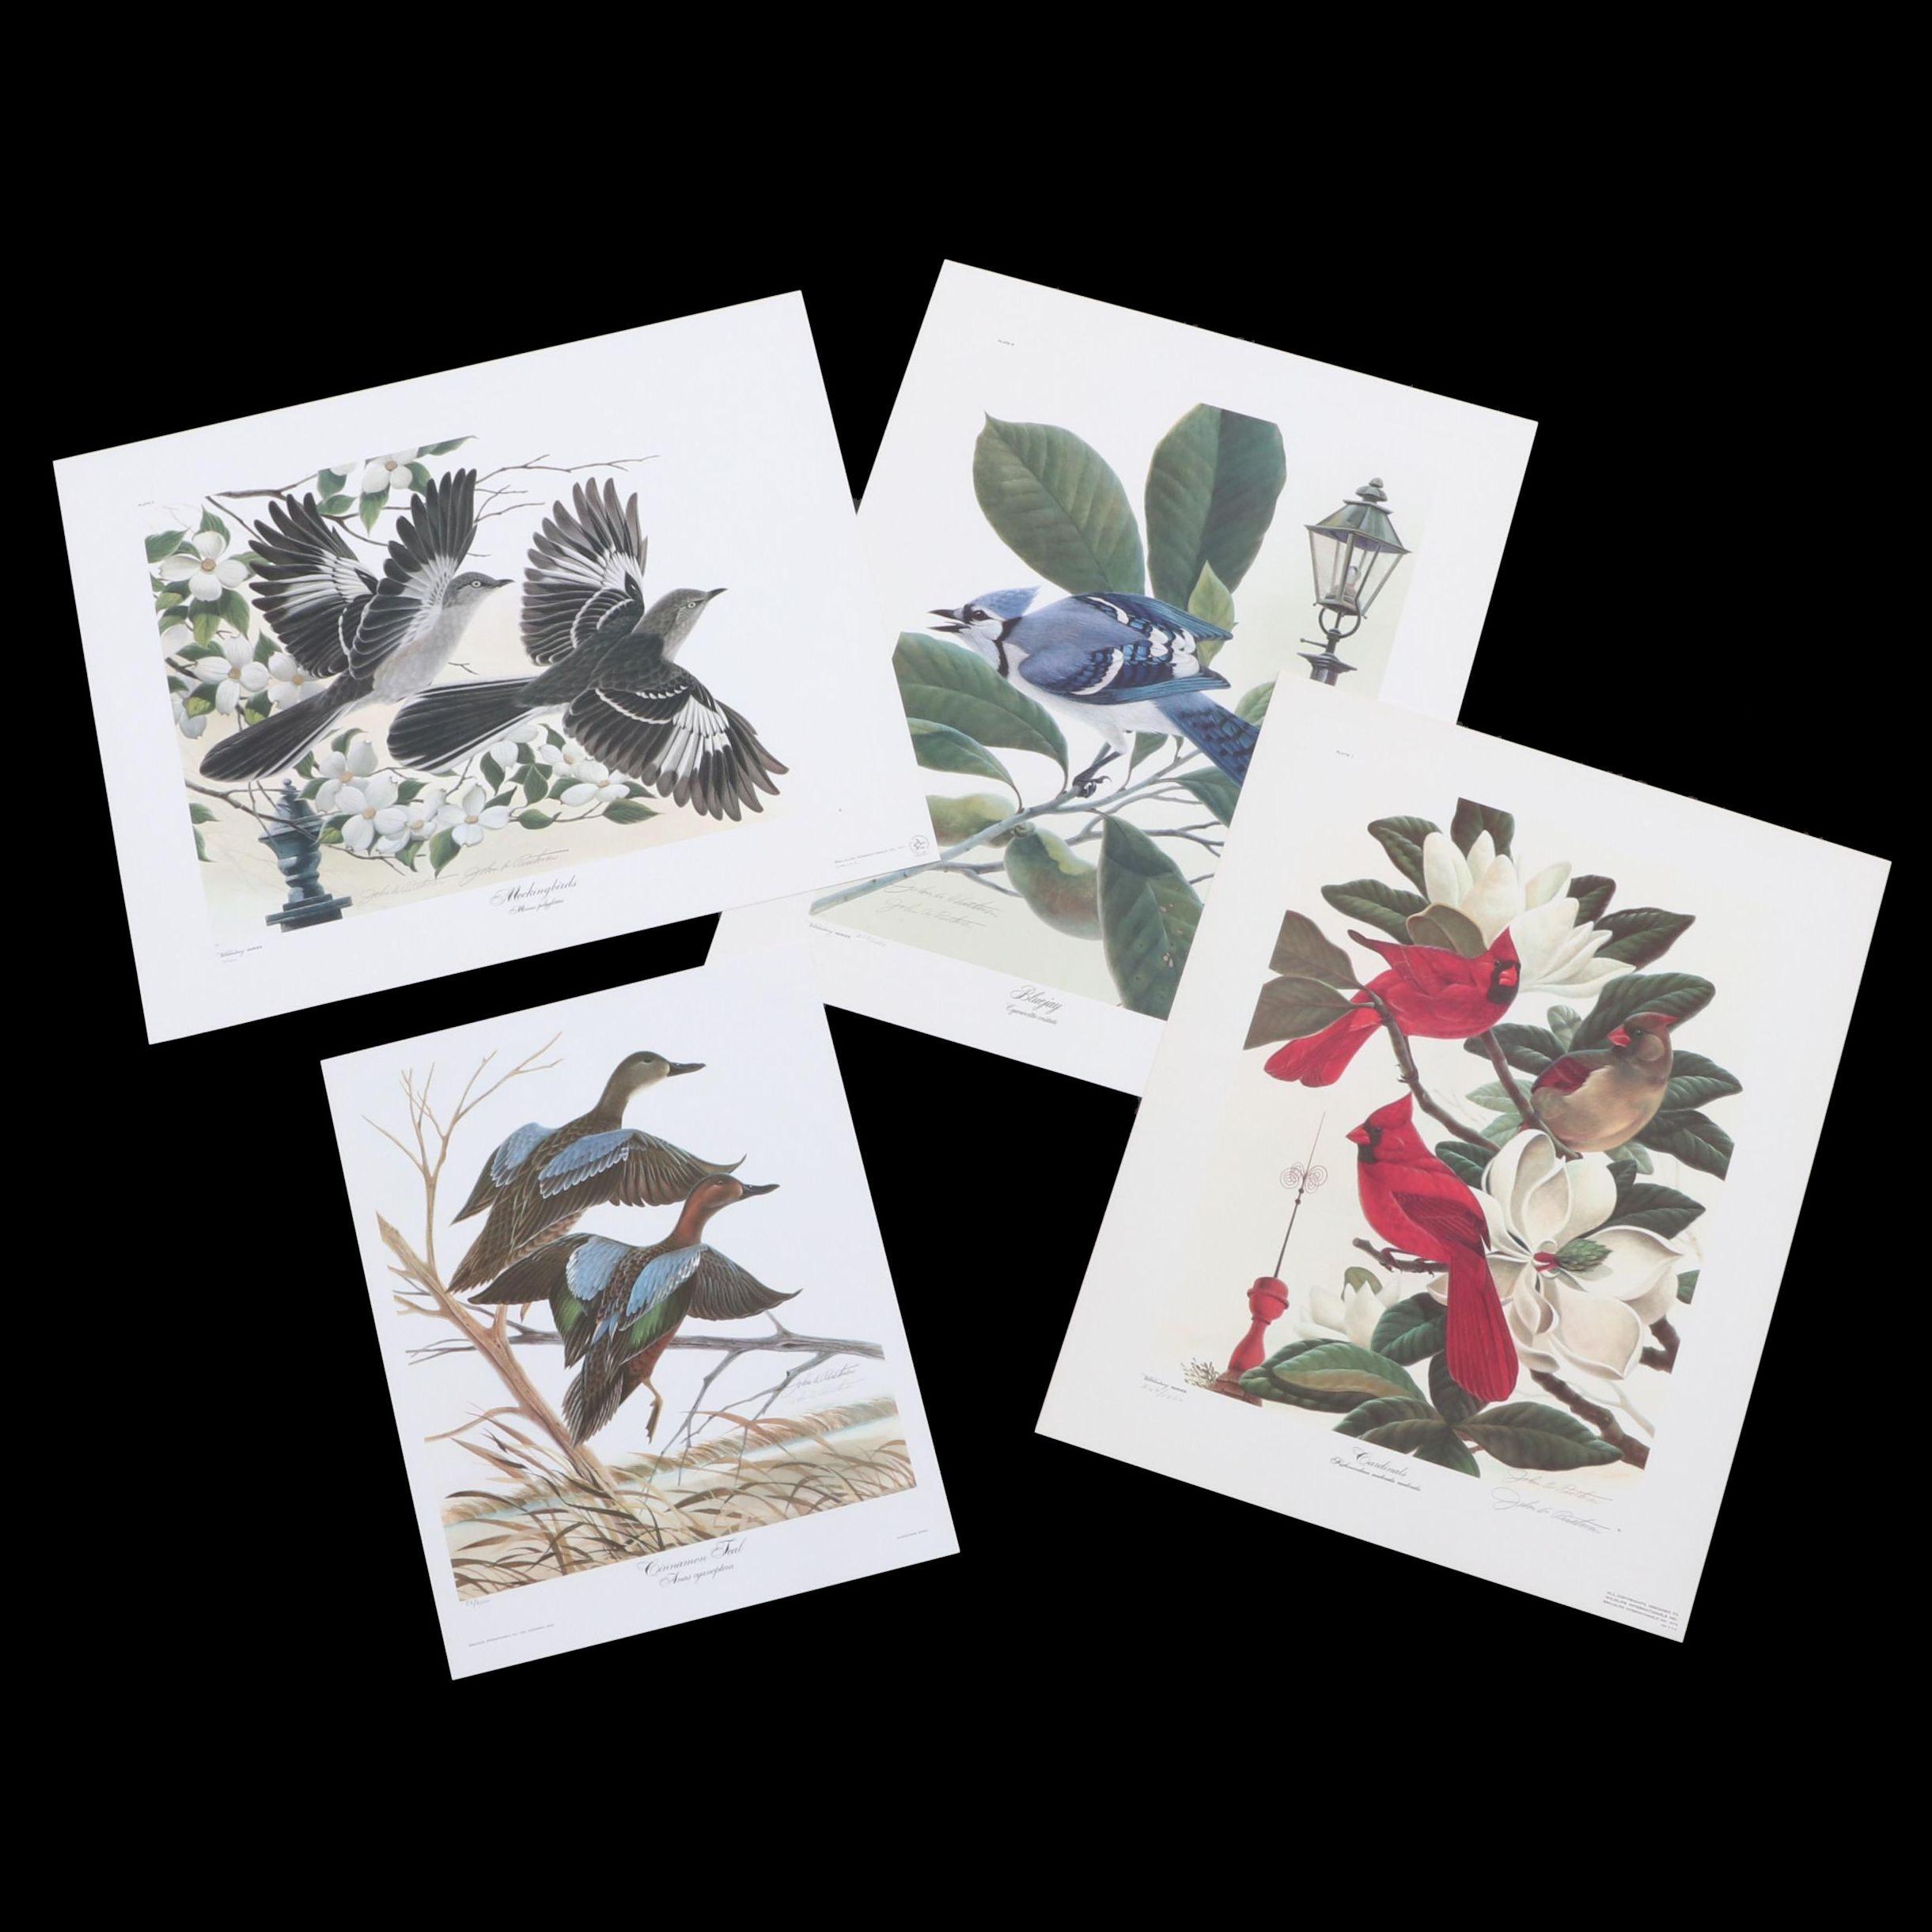 John Ruthven Offset Lithographs of Birds